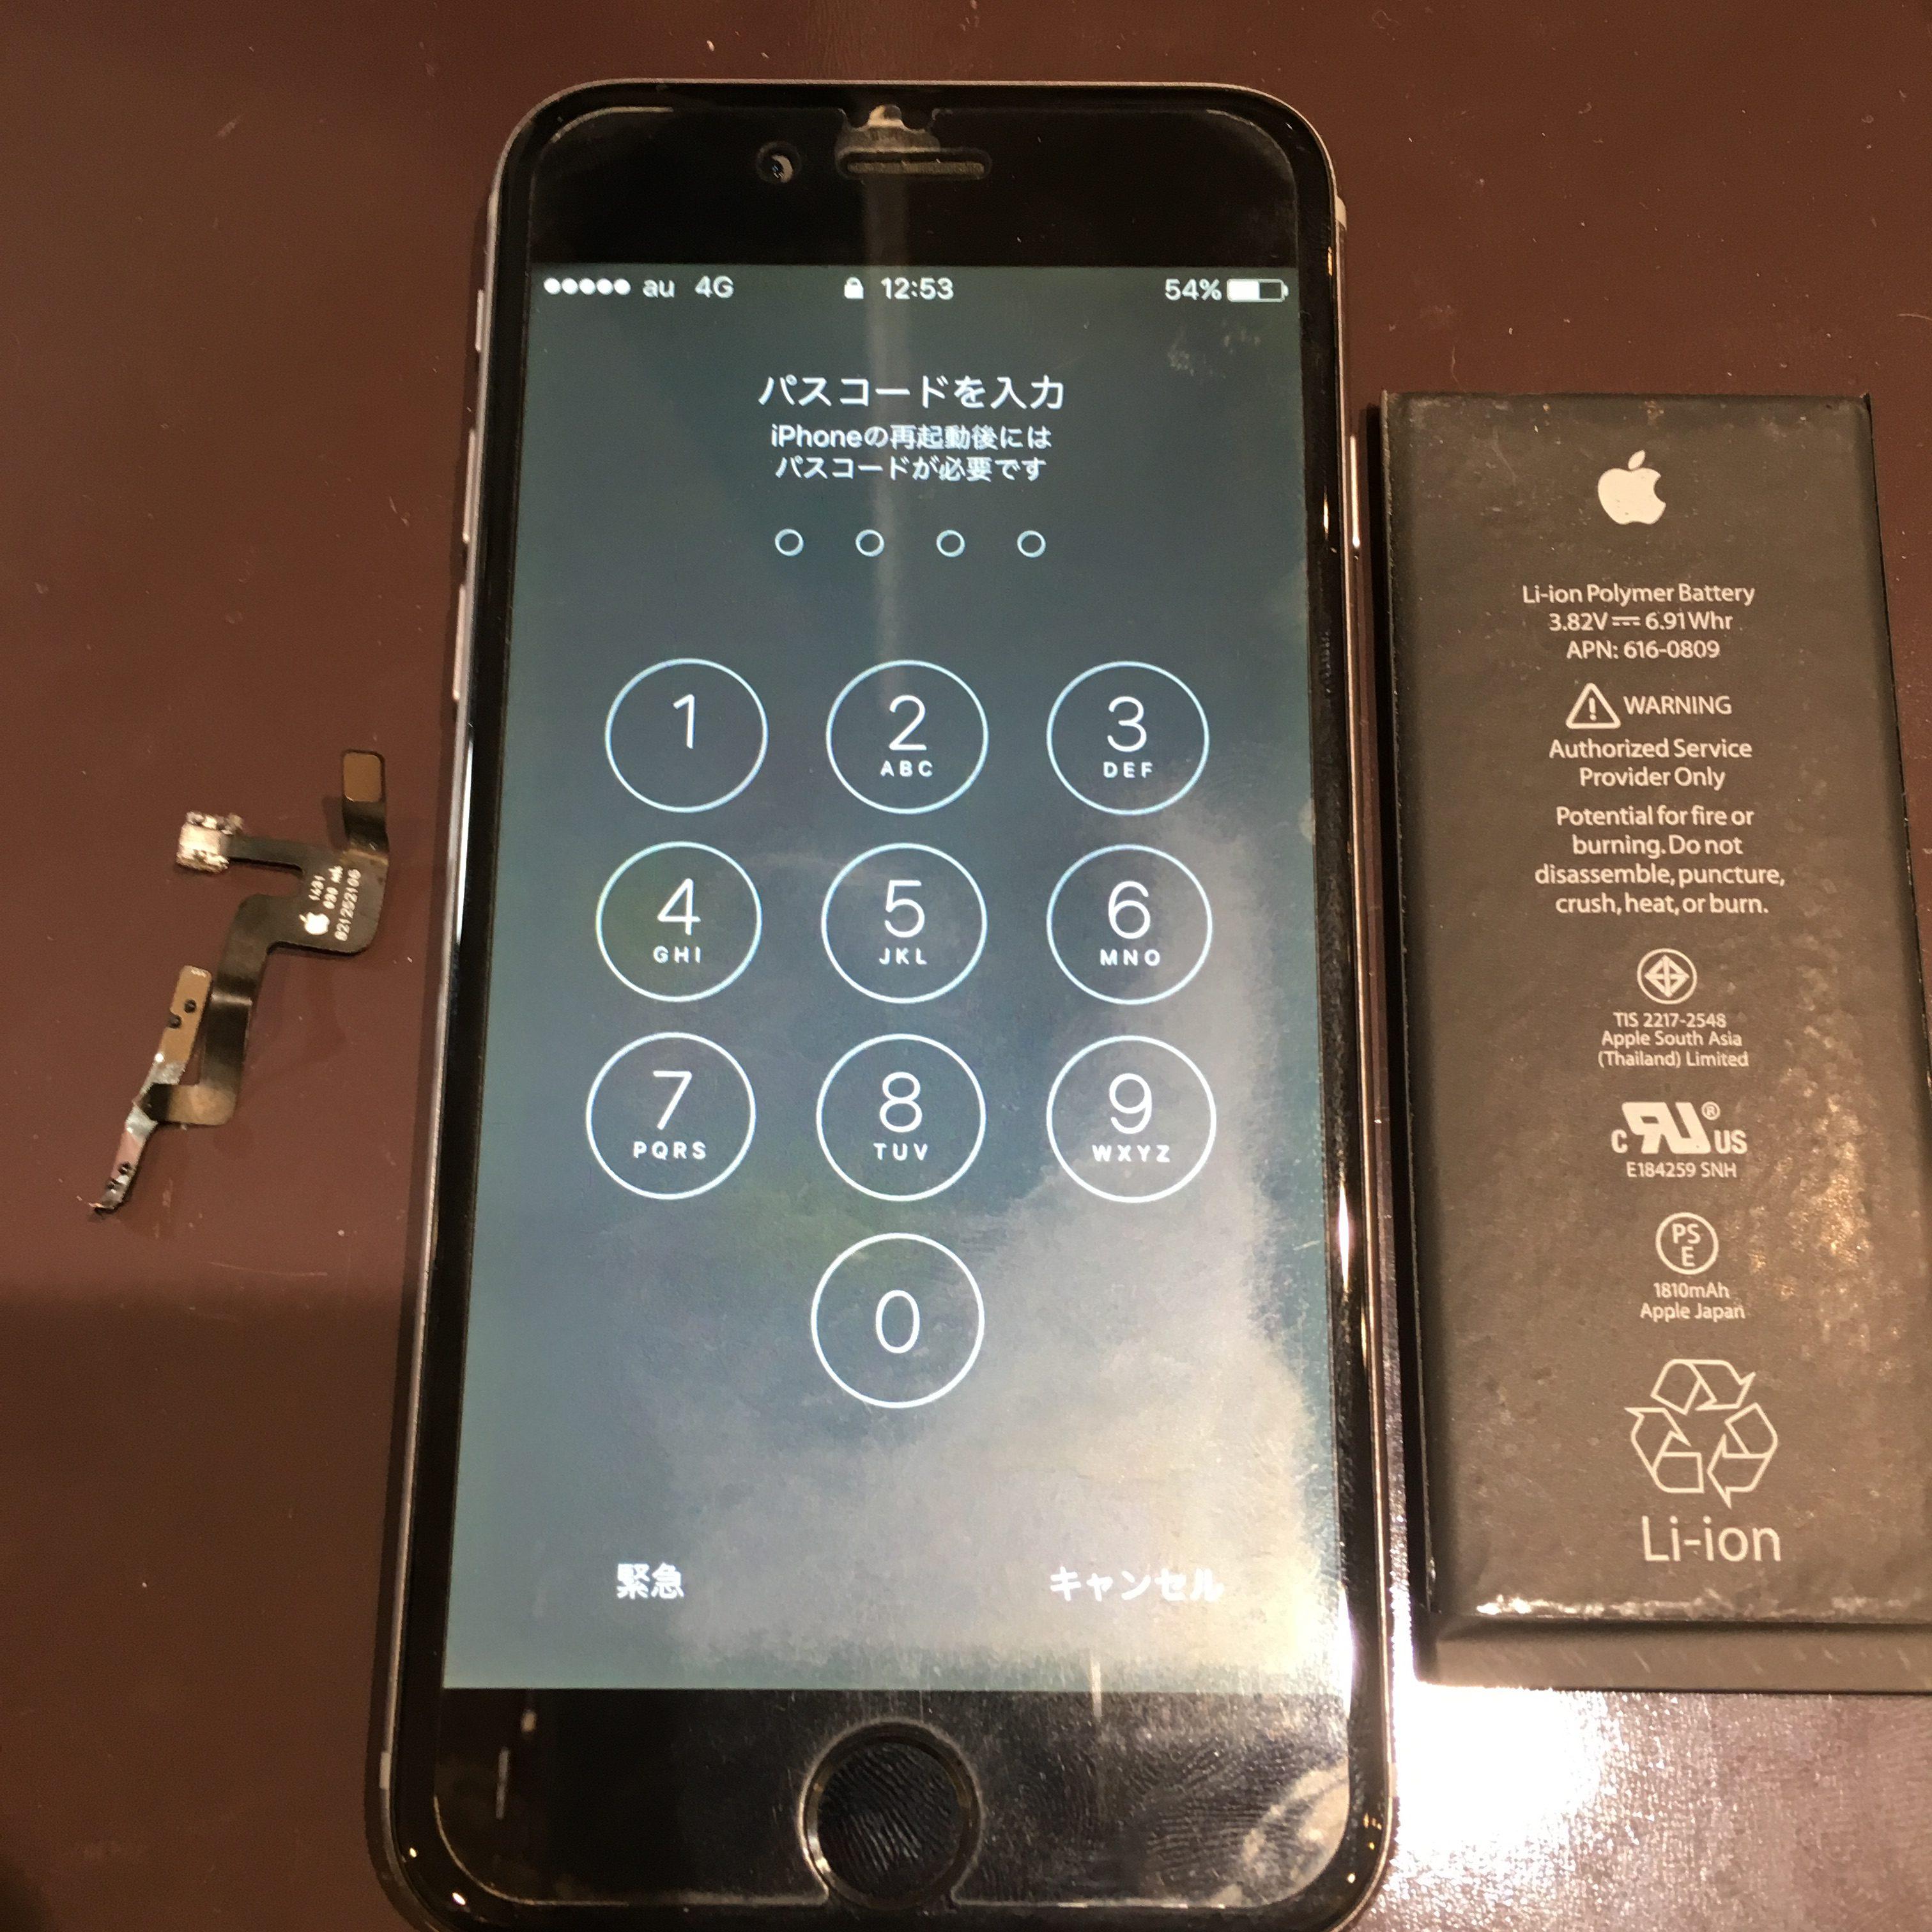 即日iPhoneバッテリー交換即日対応!最短15分!データもそのまま《伊丹からお越しのお客様》充電のもちを良くして新年を迎えましょう!地域最安値に挑戦